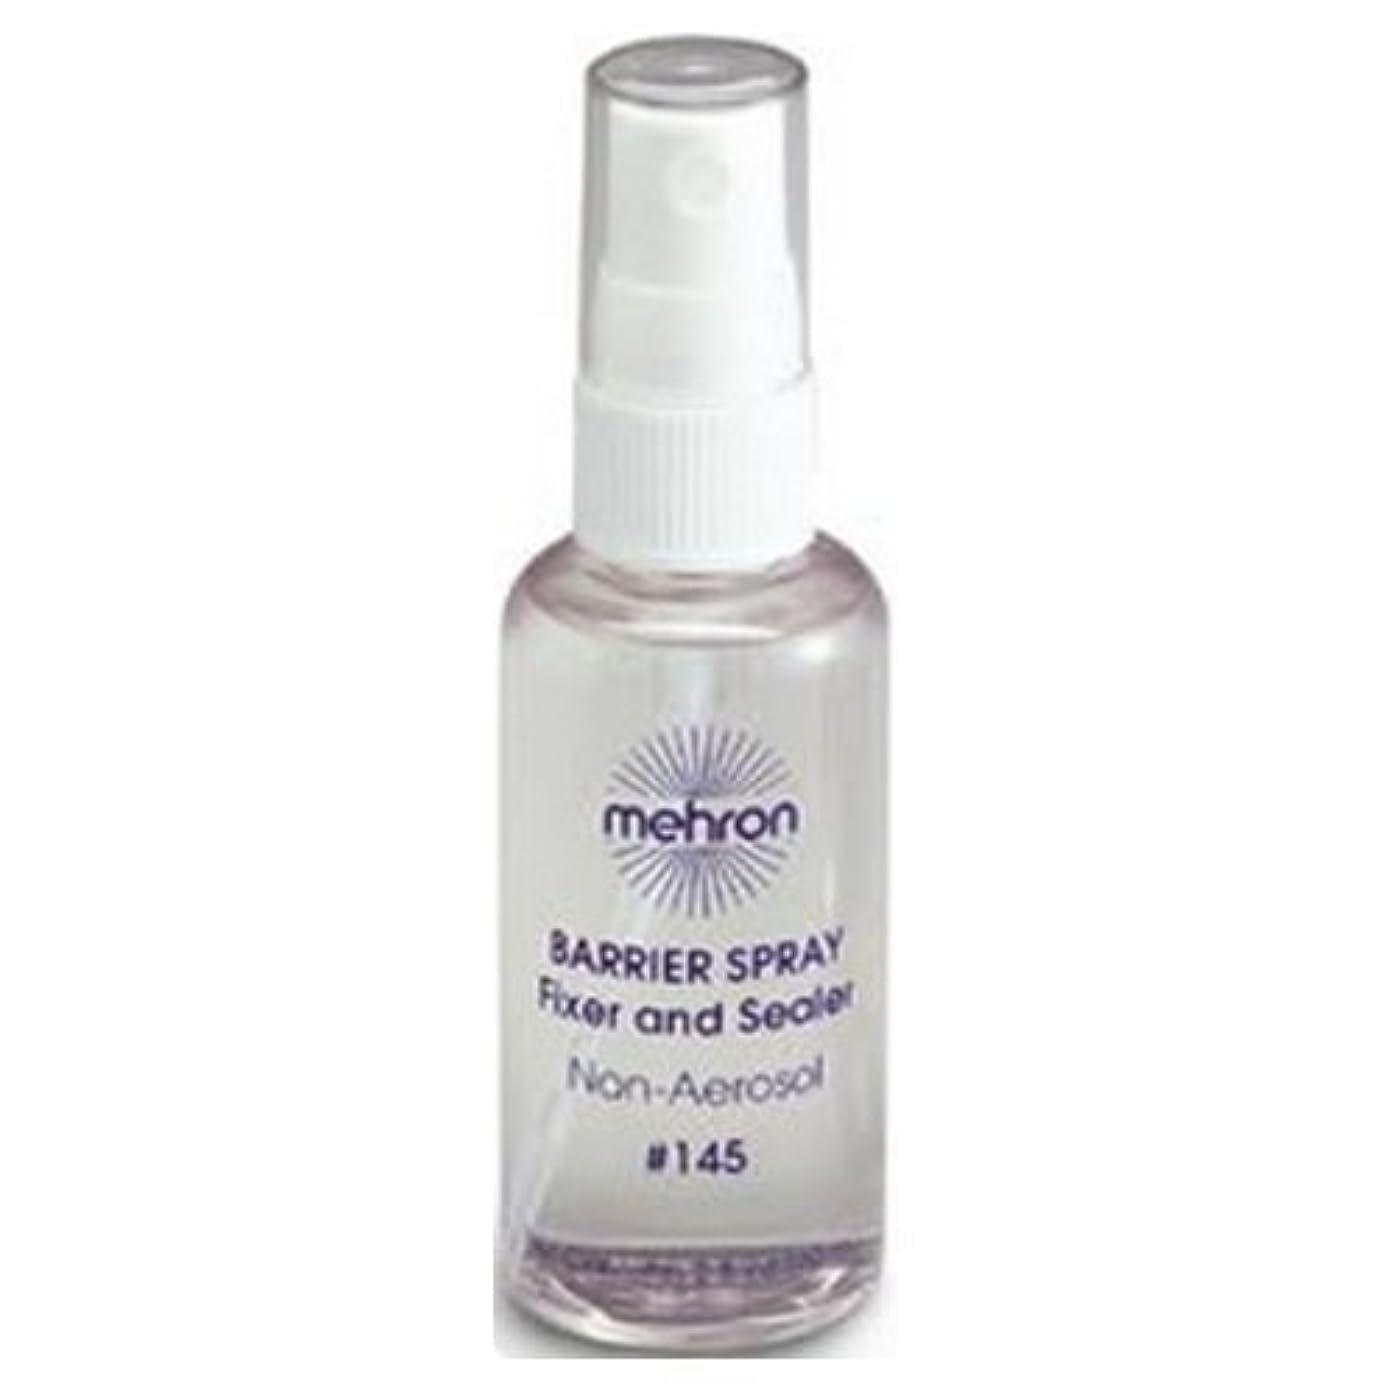 カウントアップマラソン生きている(3 Pack) mehron Barrier Spray Fixer and Sealer - Clear (並行輸入品)